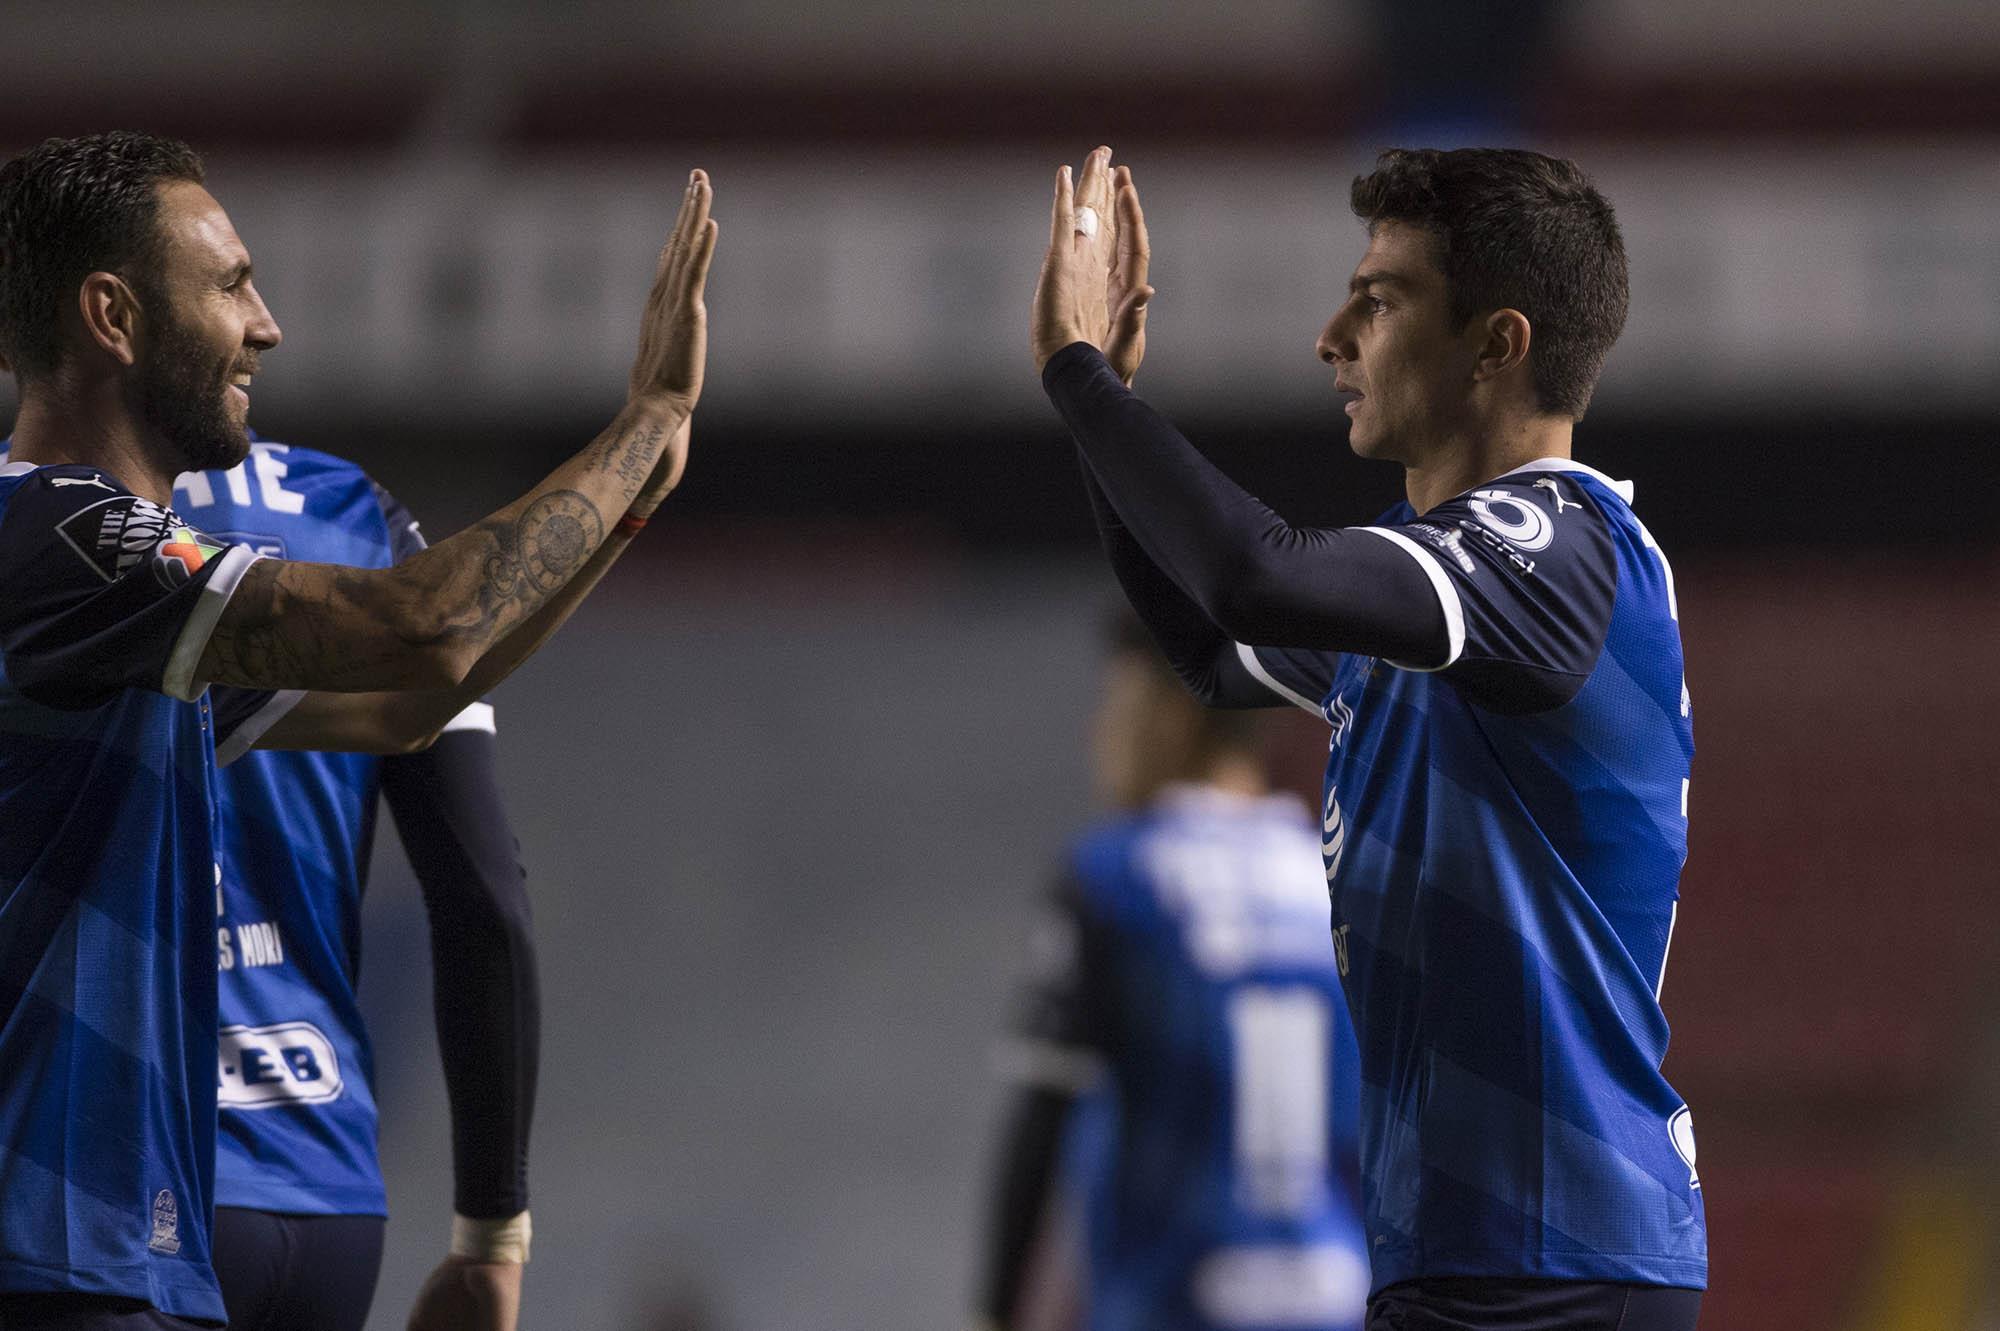 mceu 51014186411601863507038jpg 20201042191 - Monterrey saca la victoria en casa de Gallos Blancos